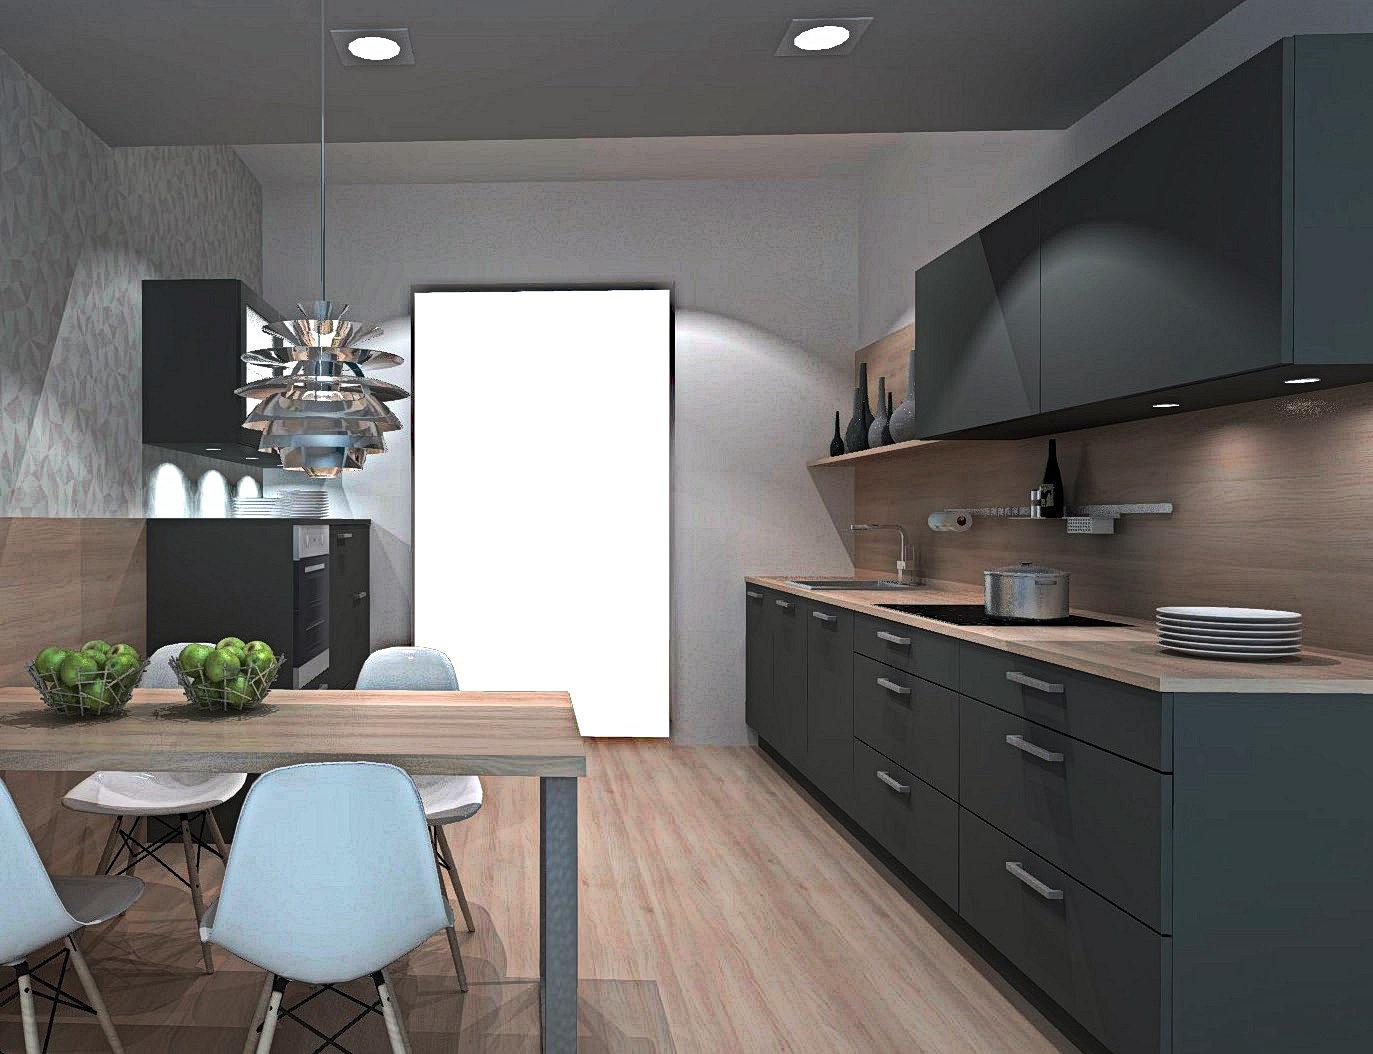 Full Size of Nolte Küchen Glasfront Kche Lackfront Grau Kchen Bis Zu 70 Preiswerter Küche Schlafzimmer Betten Regal Wohnzimmer Nolte Küchen Glasfront